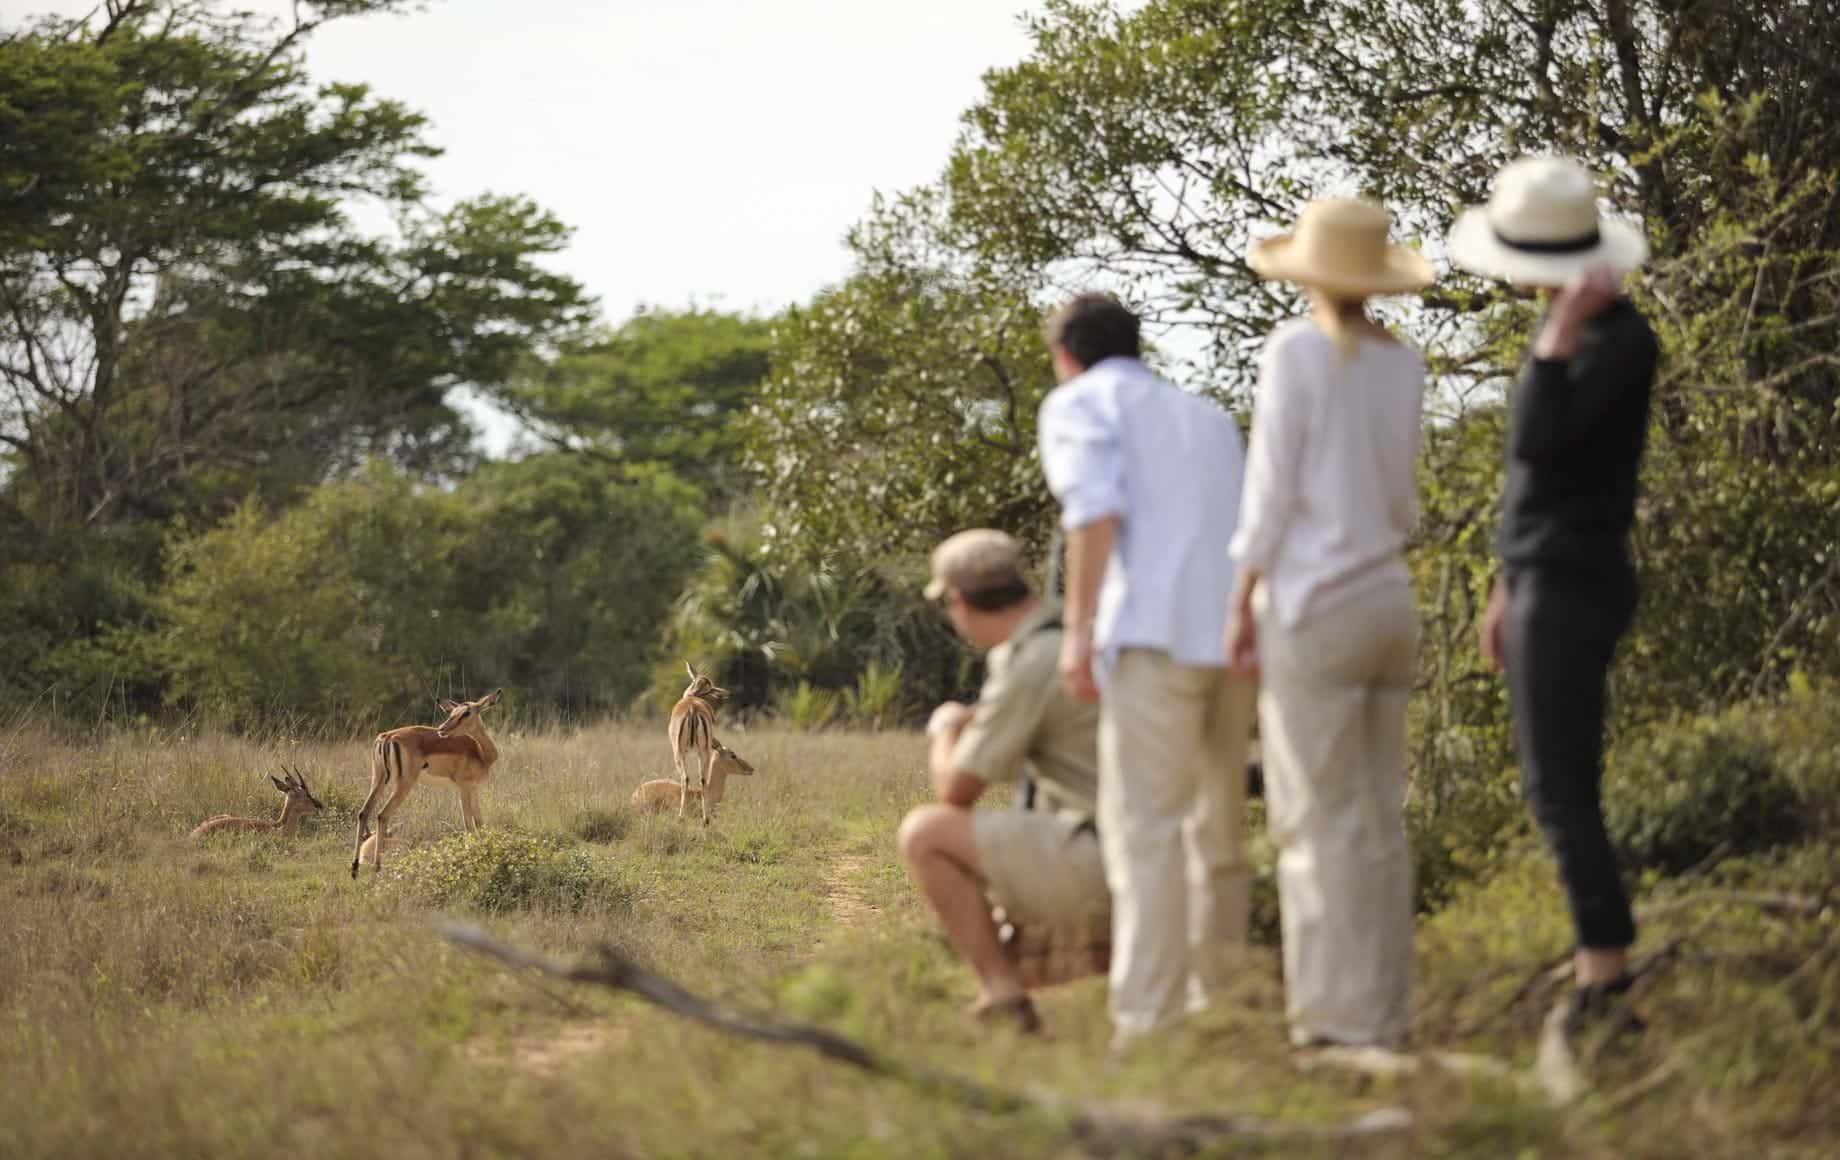 Watching deer cubs at KwaZulu-Natal